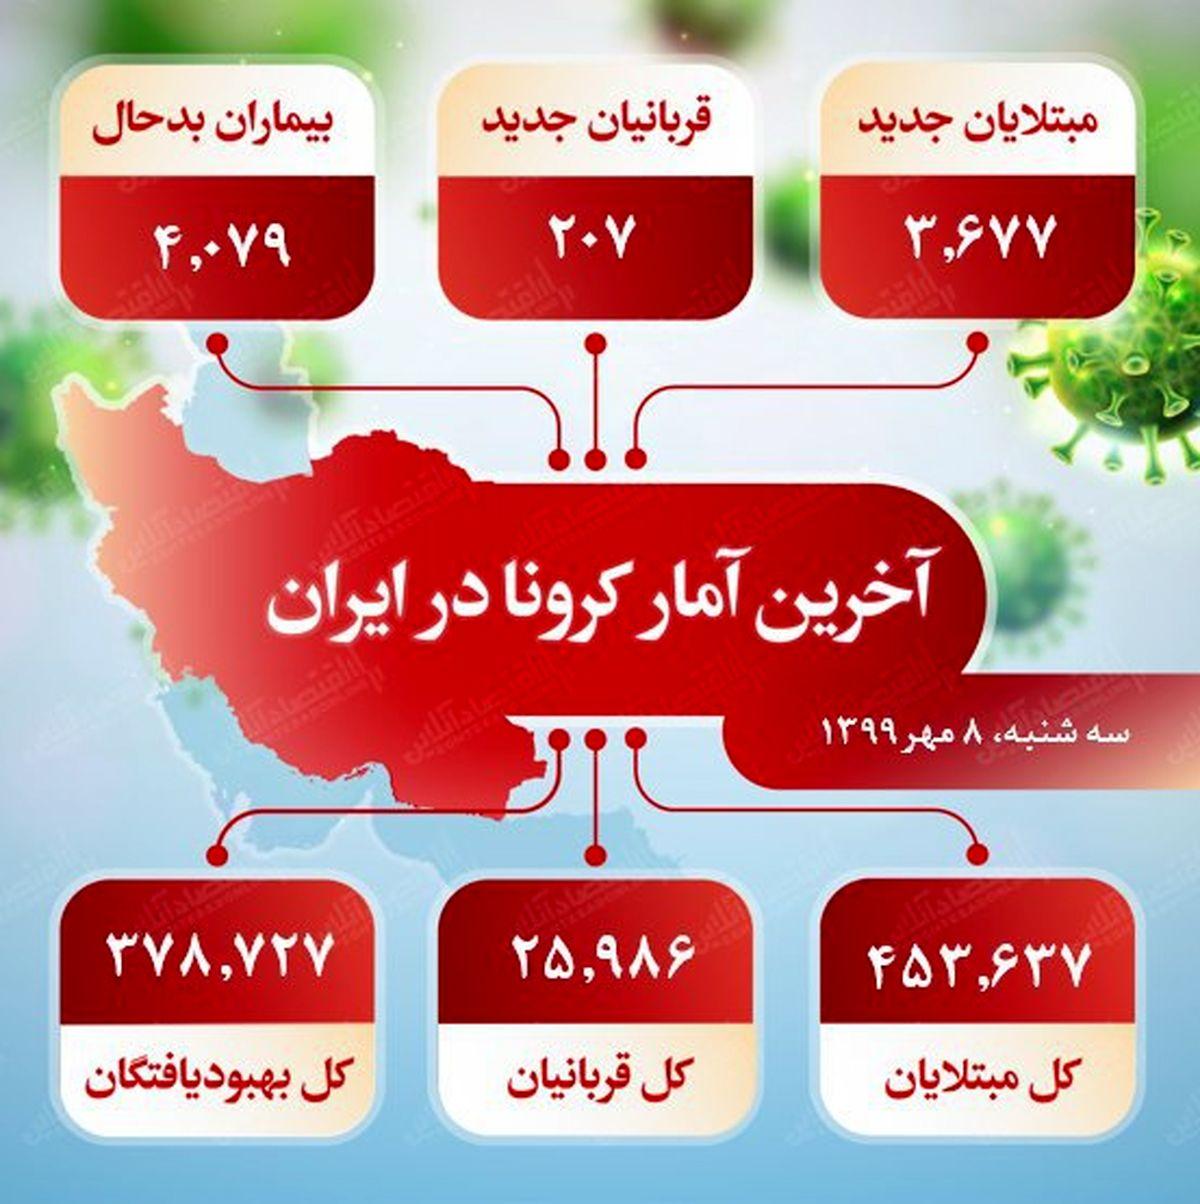 آخرین آمار کرونا در ایران (۱۳۹۹/۷/۸)